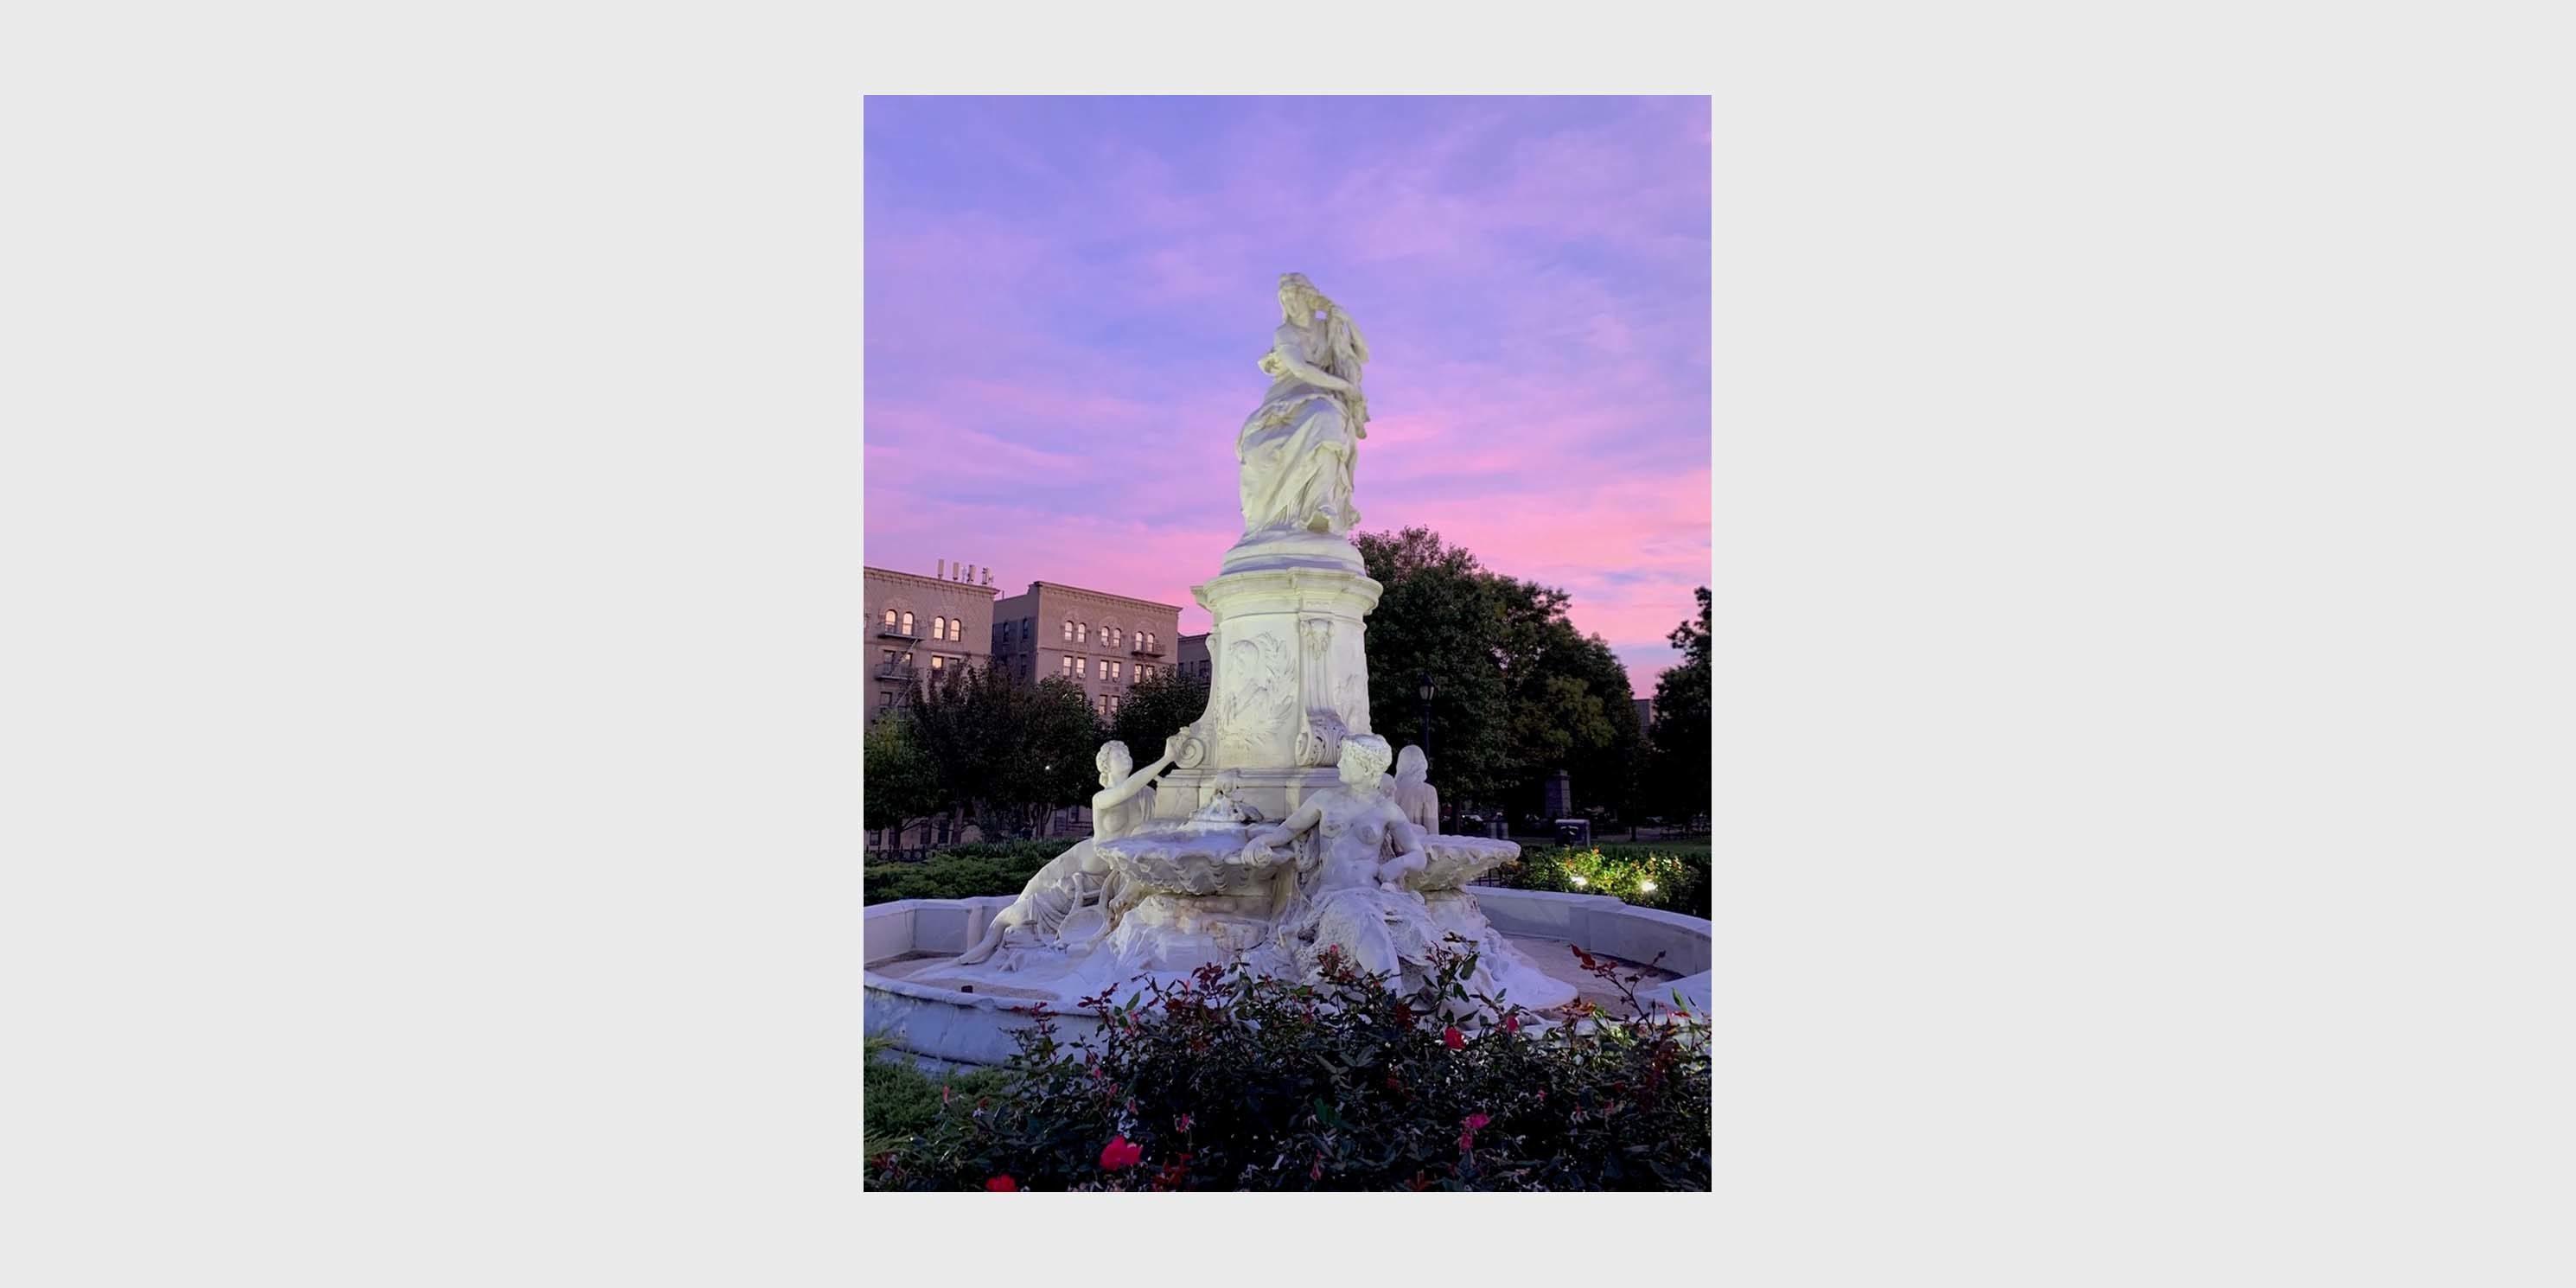 Heinrich Heine Fountain at sunset